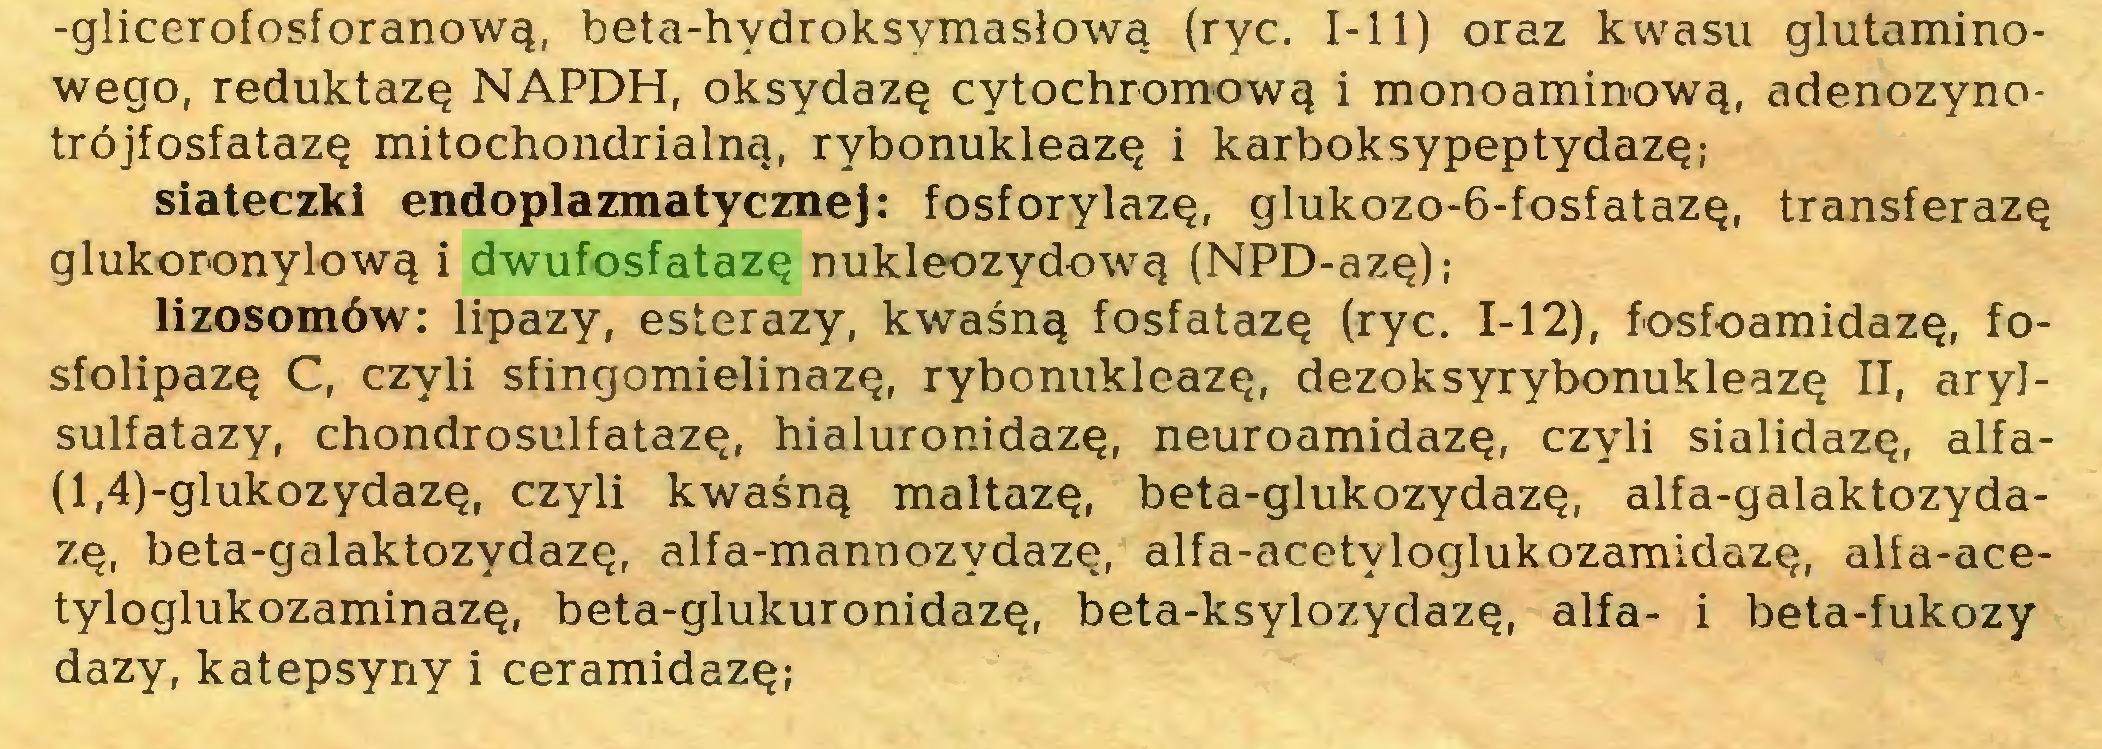 (...) -glicerofosforanową, beta-hydroksymasłową (ryc. I-11) oraz kwasu glutaminowego, reduktazę NAPDH, oksydazę cytochromową i monoaminową, adenozynotrójfosfatazę mitochondrialną, rybonukleazę i karboksypeptydazę; siateczki endoplazmatycznej: fosforylazę, glukozo-6-fosfatazę, transferazę glukoronylową i dwufosfatazę nukleozydową (NPD-azę); lizosomów: lipazy, esterazy, kwaśną fosfatazę (ryc. 1-12), fosfoamidazę, fosfolipazę C, czyli sfingomielinazę, rybonukleazę, dezoksyrybonukleazę II, aryJsulfatazy, chondrosulfatazę, hialuronidazę, neuroamidazę, czyli sialidazę, alfa(l,4)-glukozydazę, czyli kwaśną maltazę, beta-glukozydazę, alfa-galaktozydazę, beta-galaktozydazę, alfa-mannozydazę, alfa-acetyloglukozamidazę, alia-acetyloglukozaminazę, beta-glukuronidazę, beta-ksylozydazę, alfa- i beta-fukozy dazy, katepsyny i ceramidazę;...